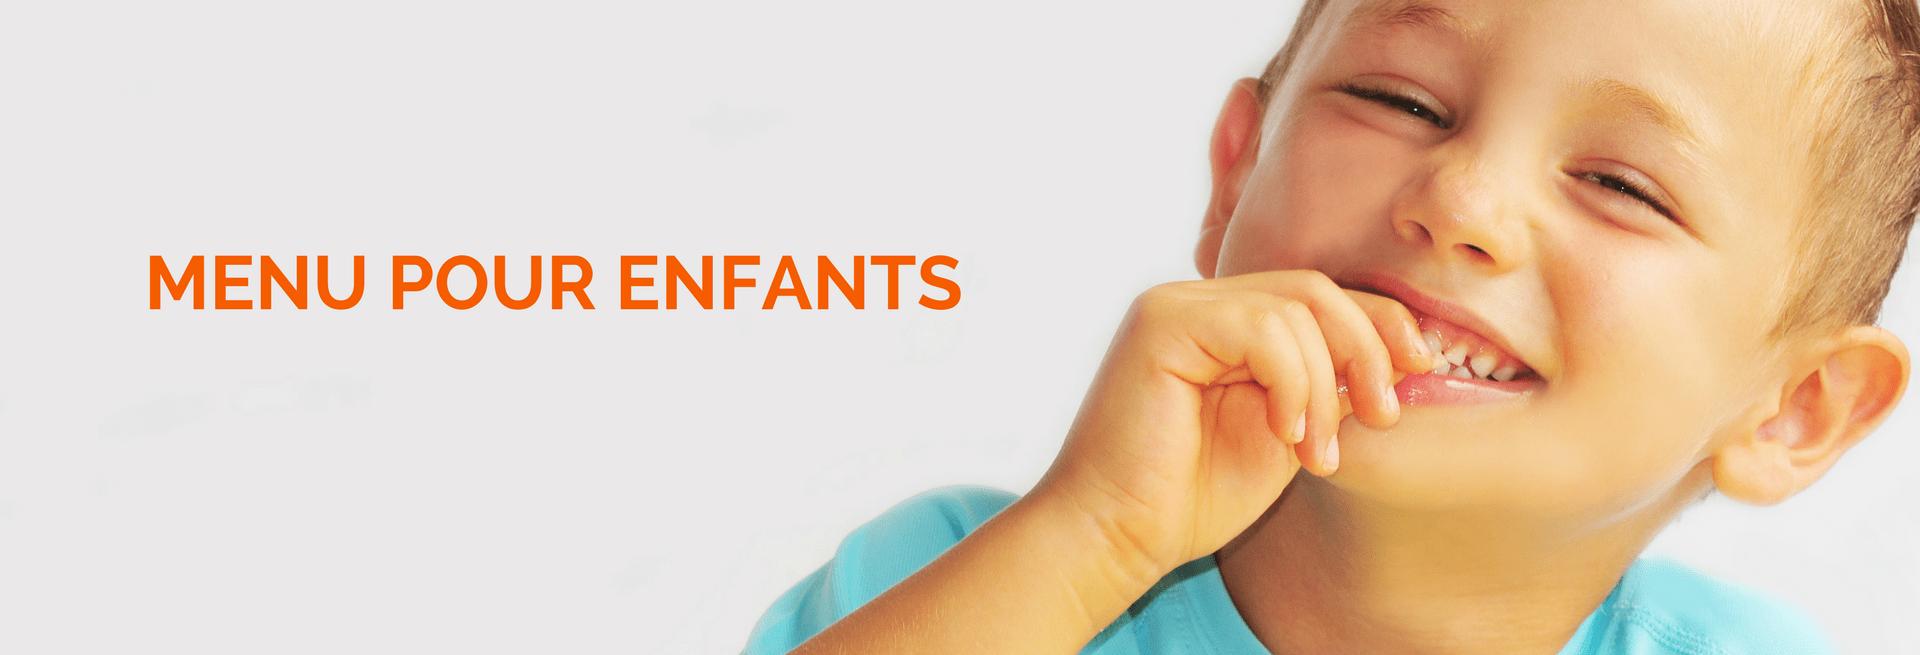 Cliquez ici pour connaître notre MENU POUR ENFANTS!